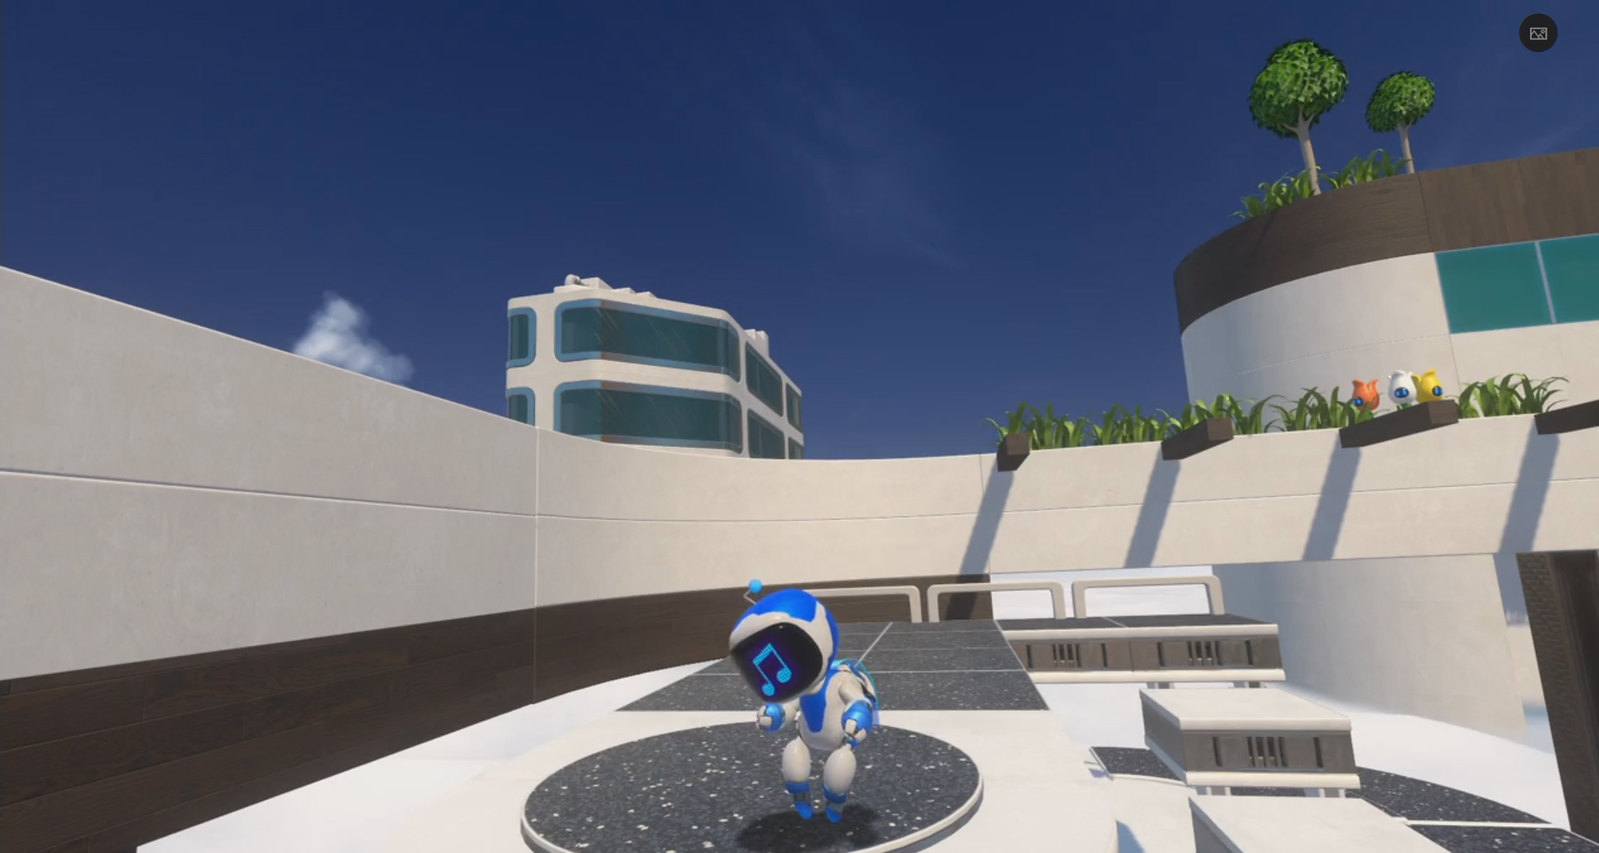 48302575152 8a8d66f65b h - Einst hatte Astro Bot Rescue Mission einen Multiplayer-Modus